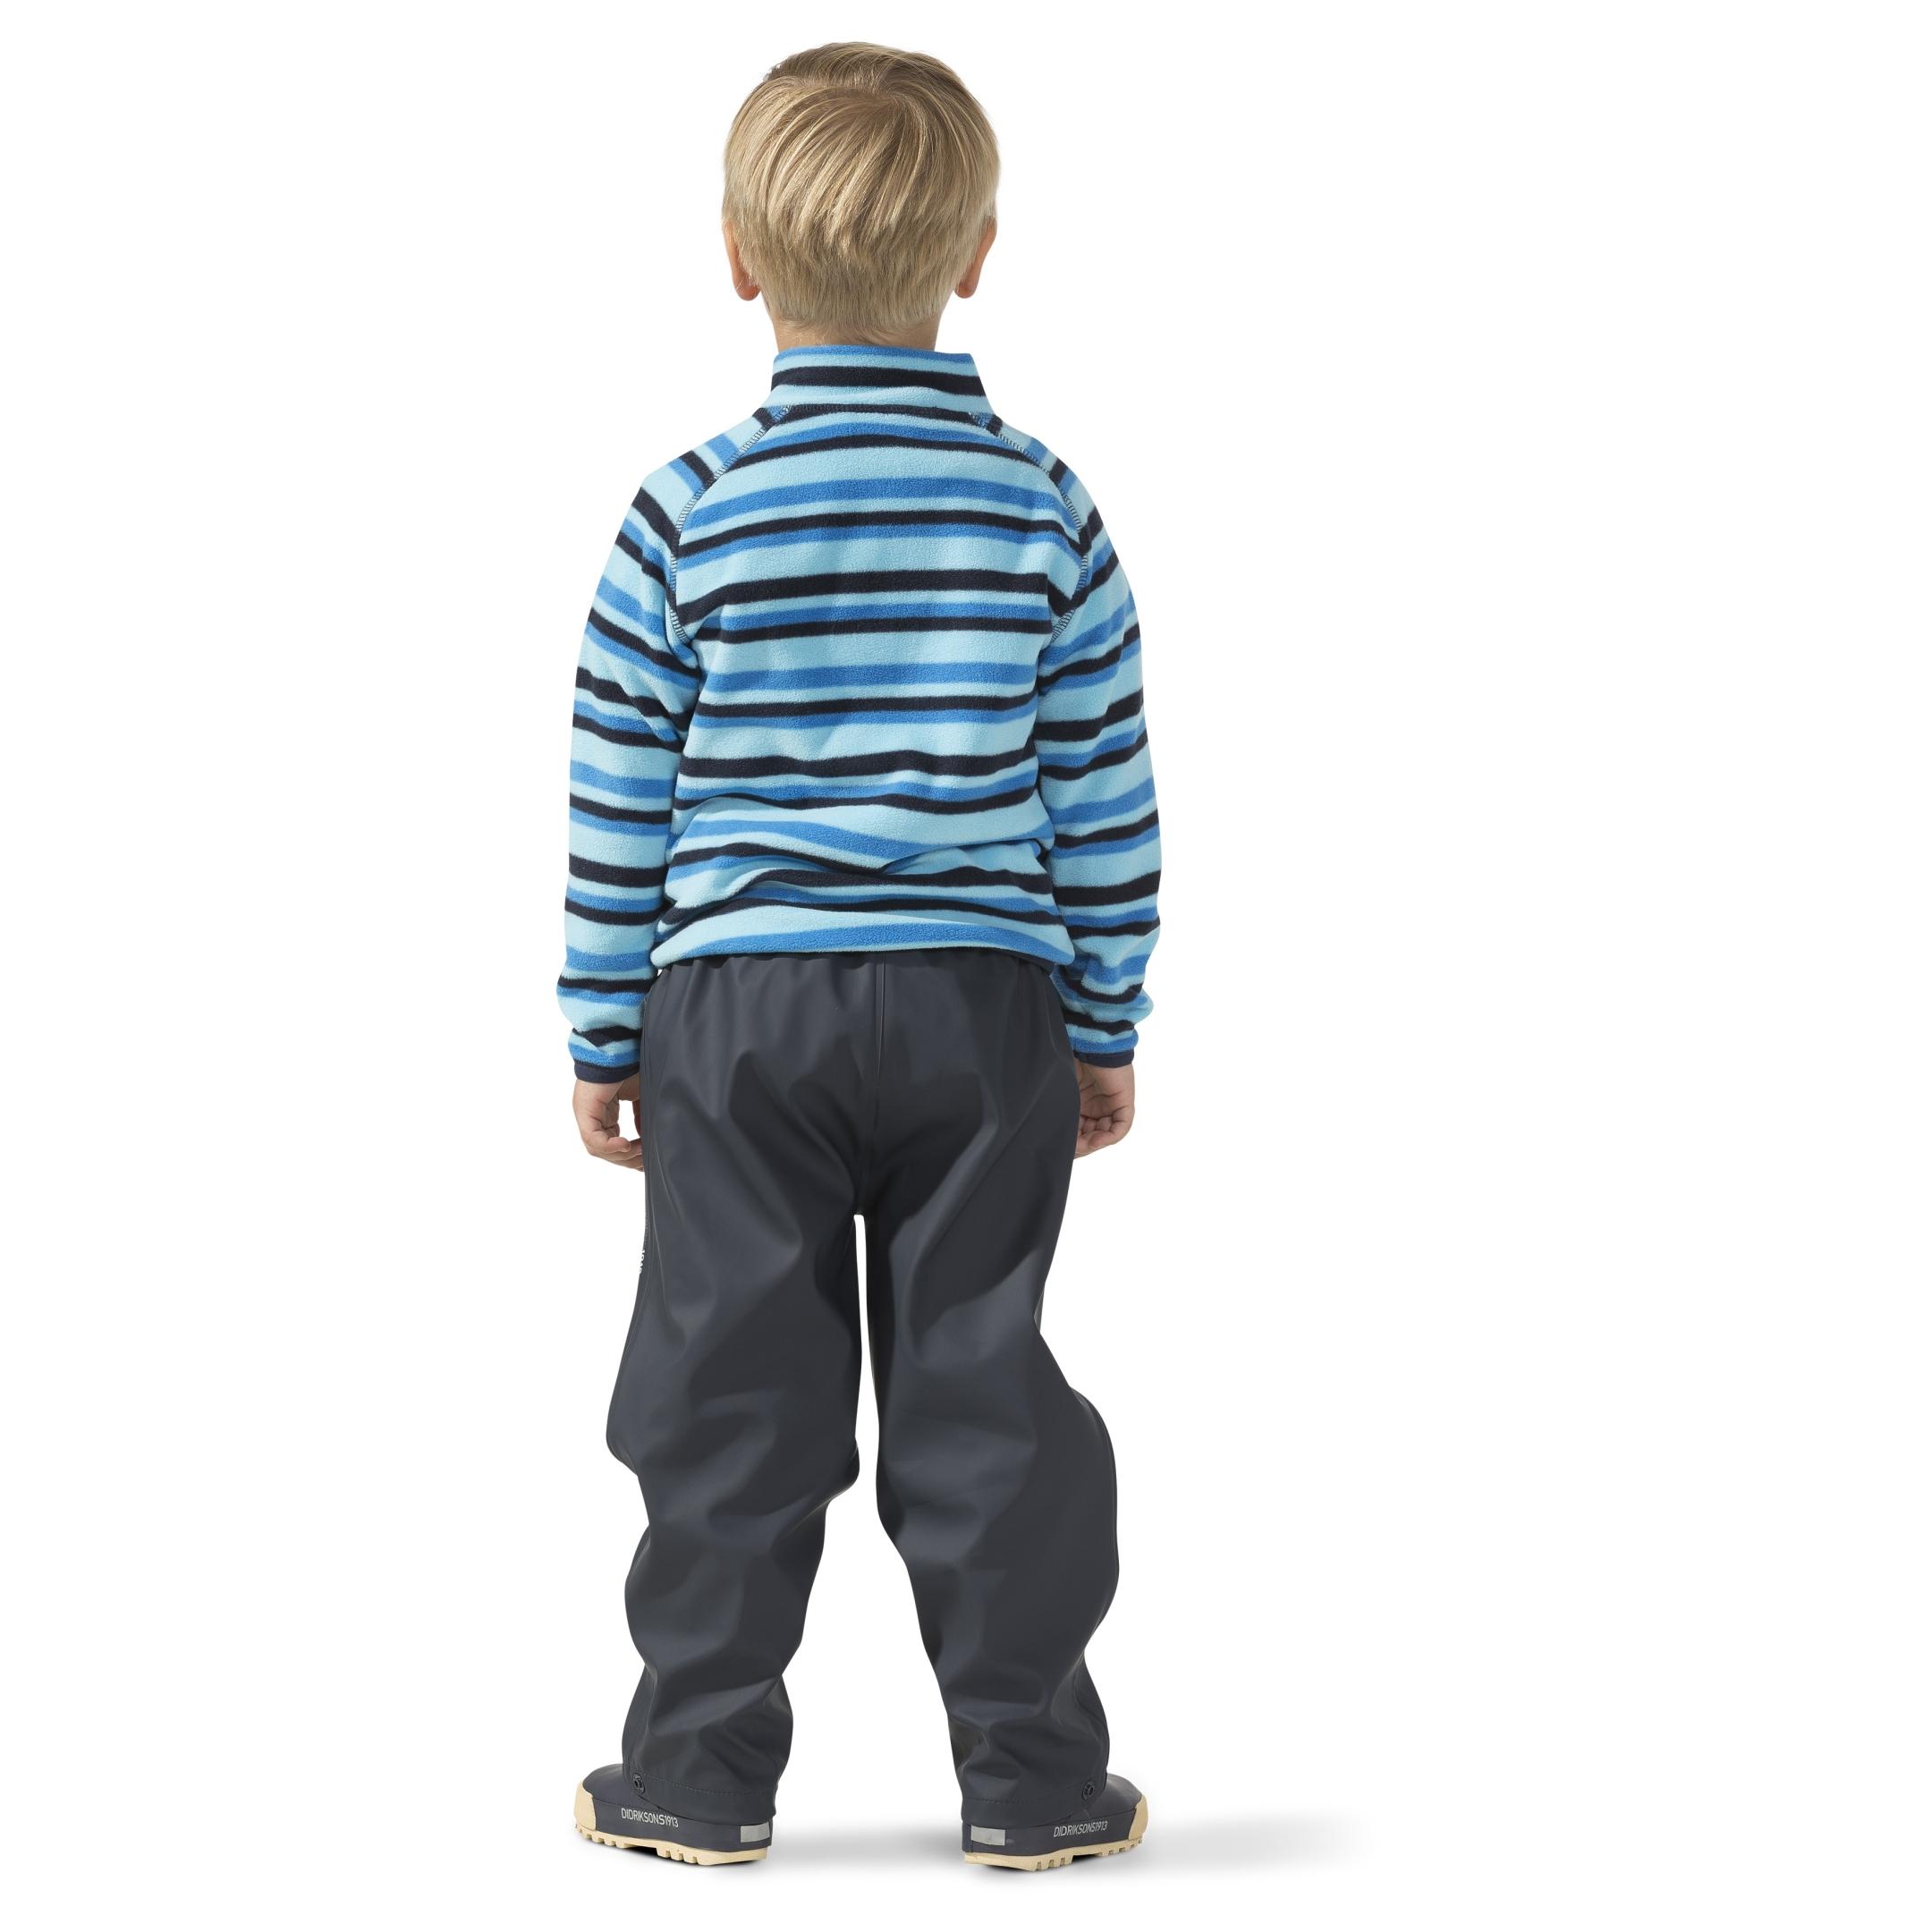 Дидриксон брюки детские дождевые MIDJEMAN, - фото 5